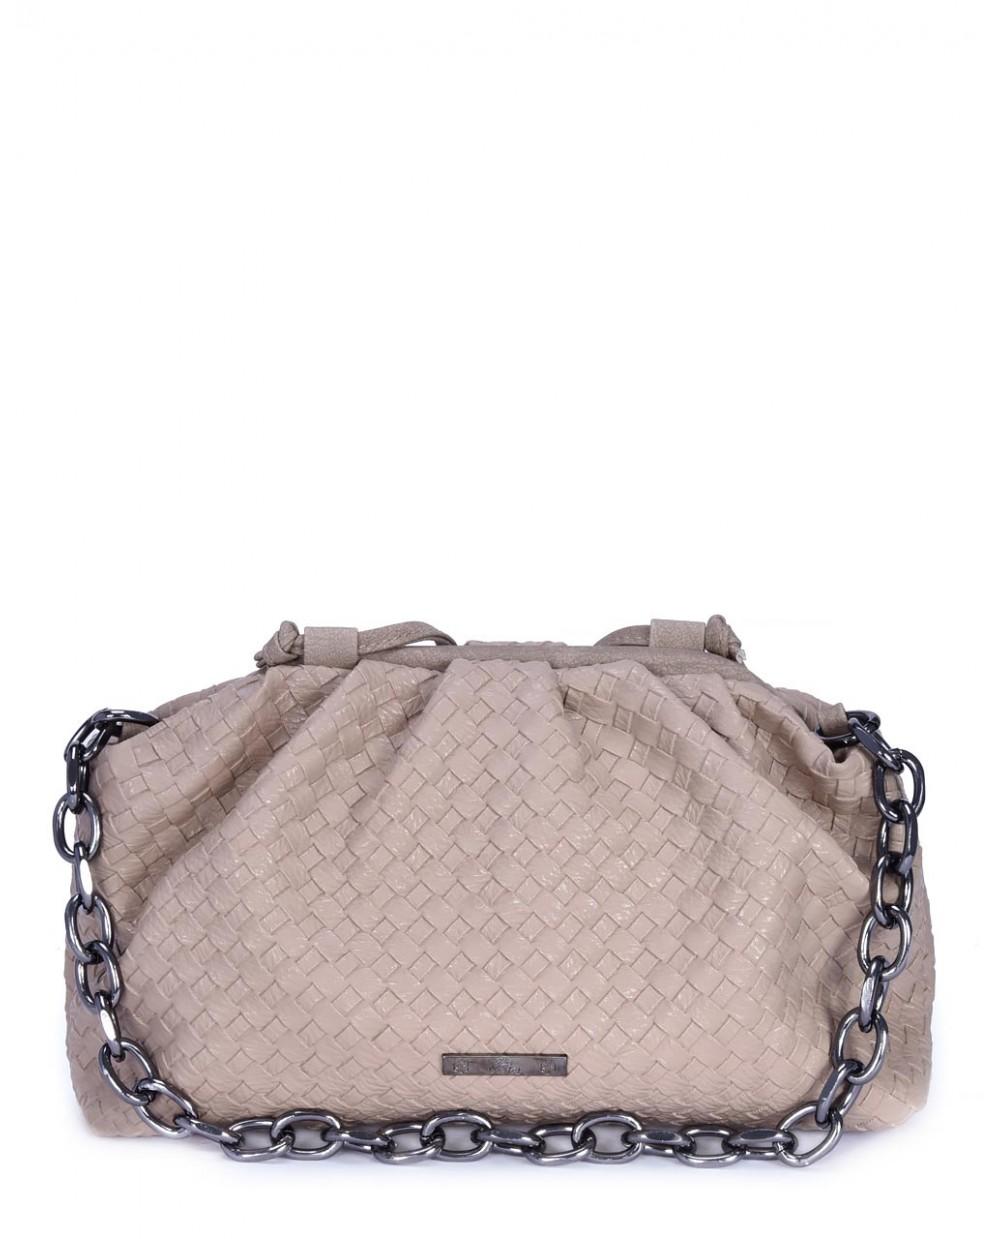 SHOULDER BAG 5121